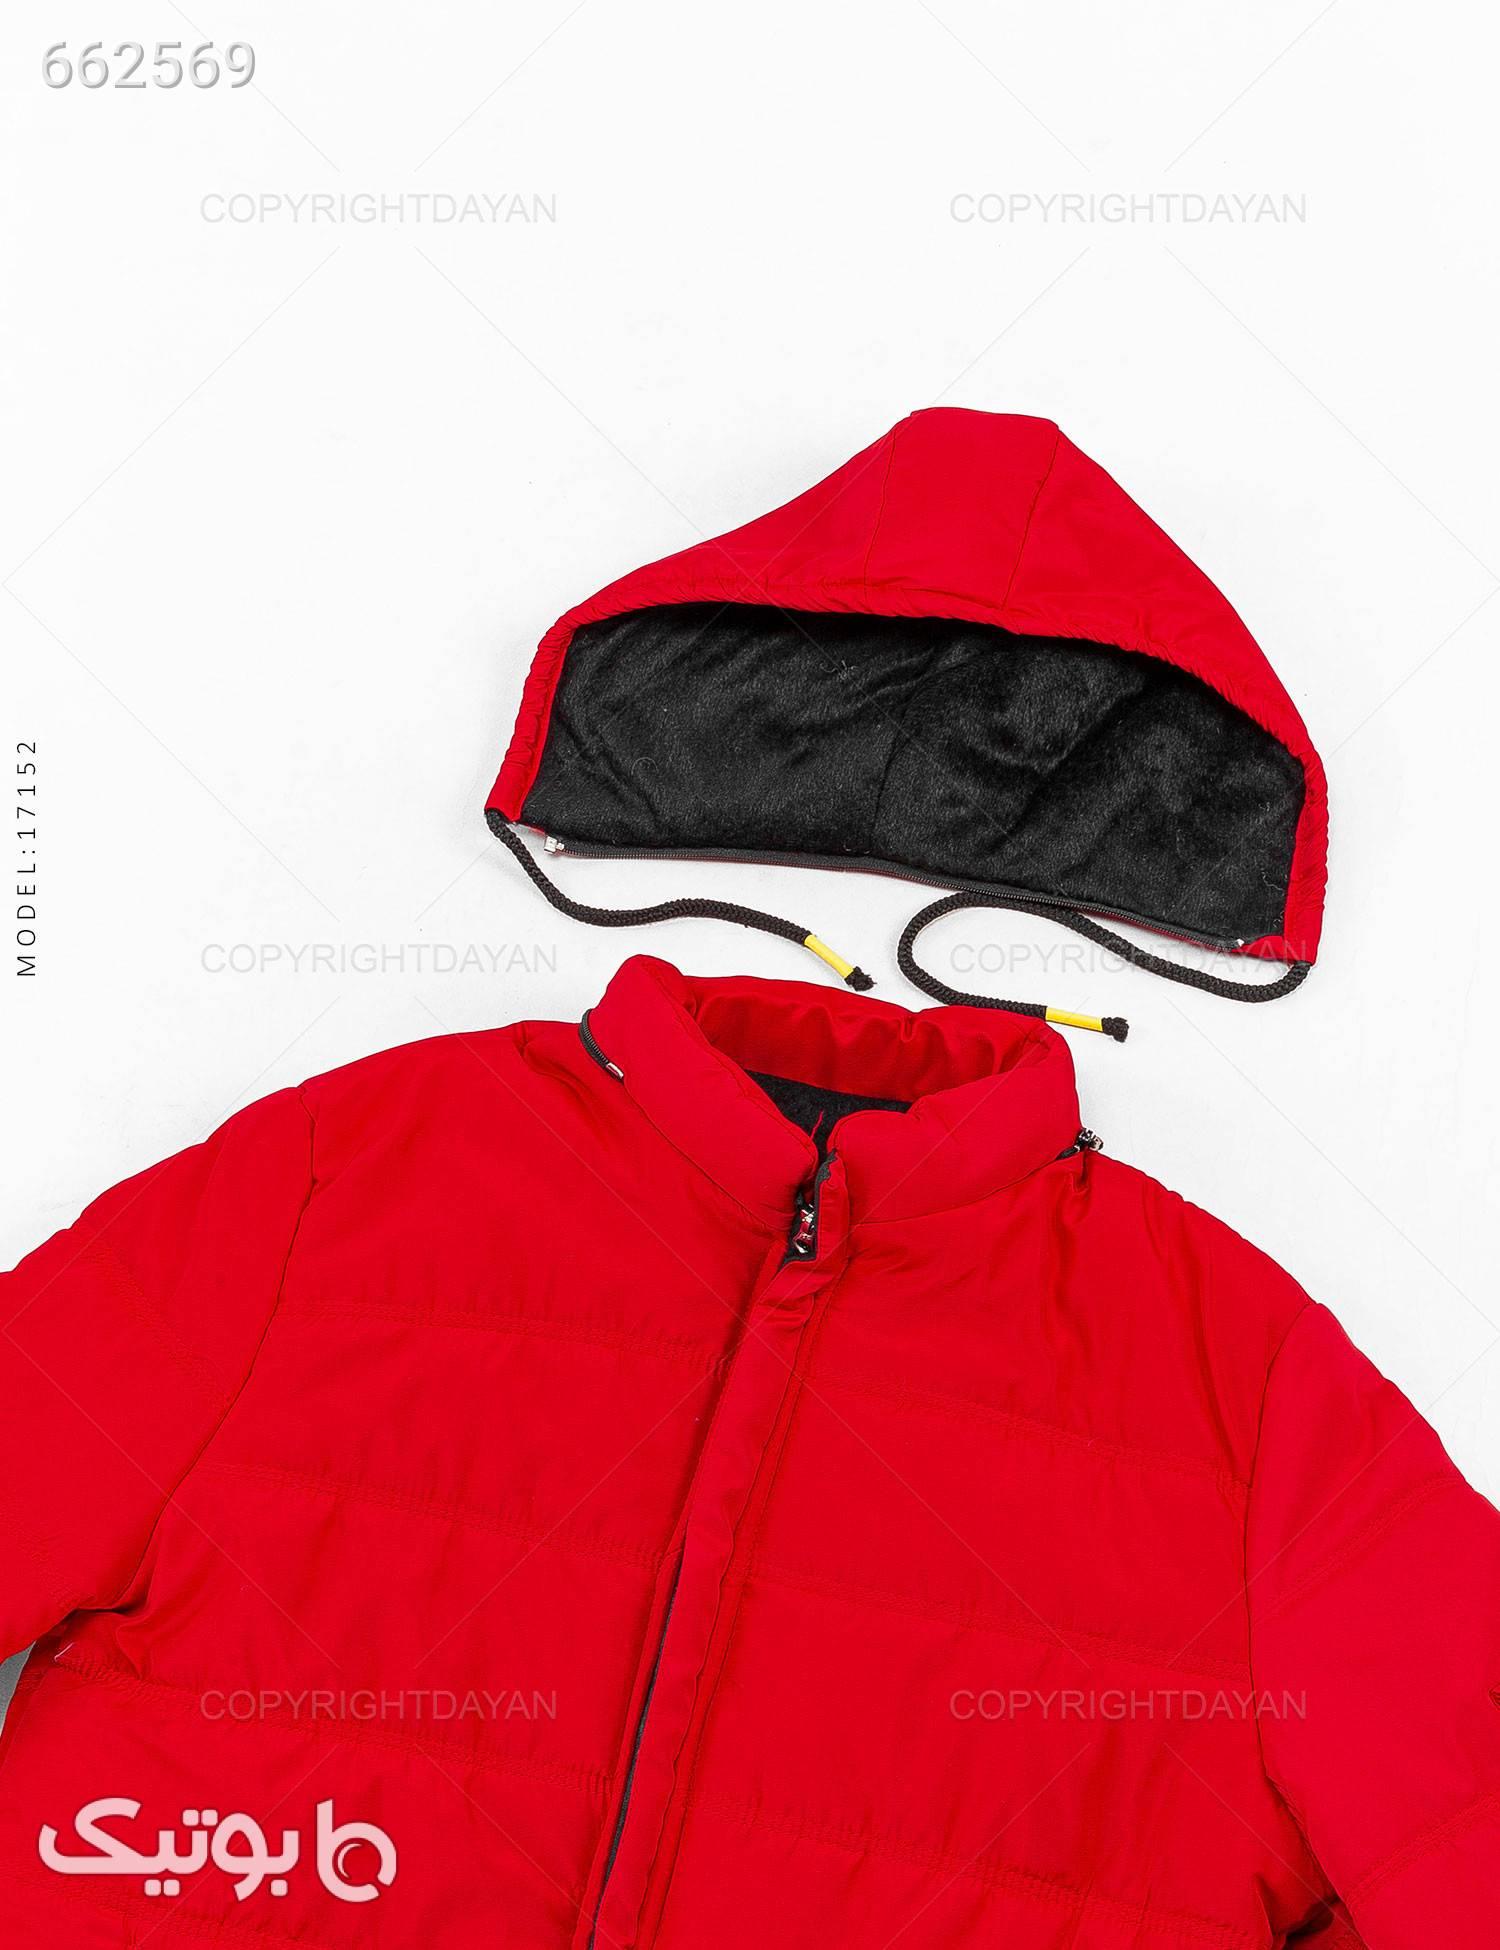 کاپشن مردانه Lima مدل 17152 کاپشن و بارانی مردانه